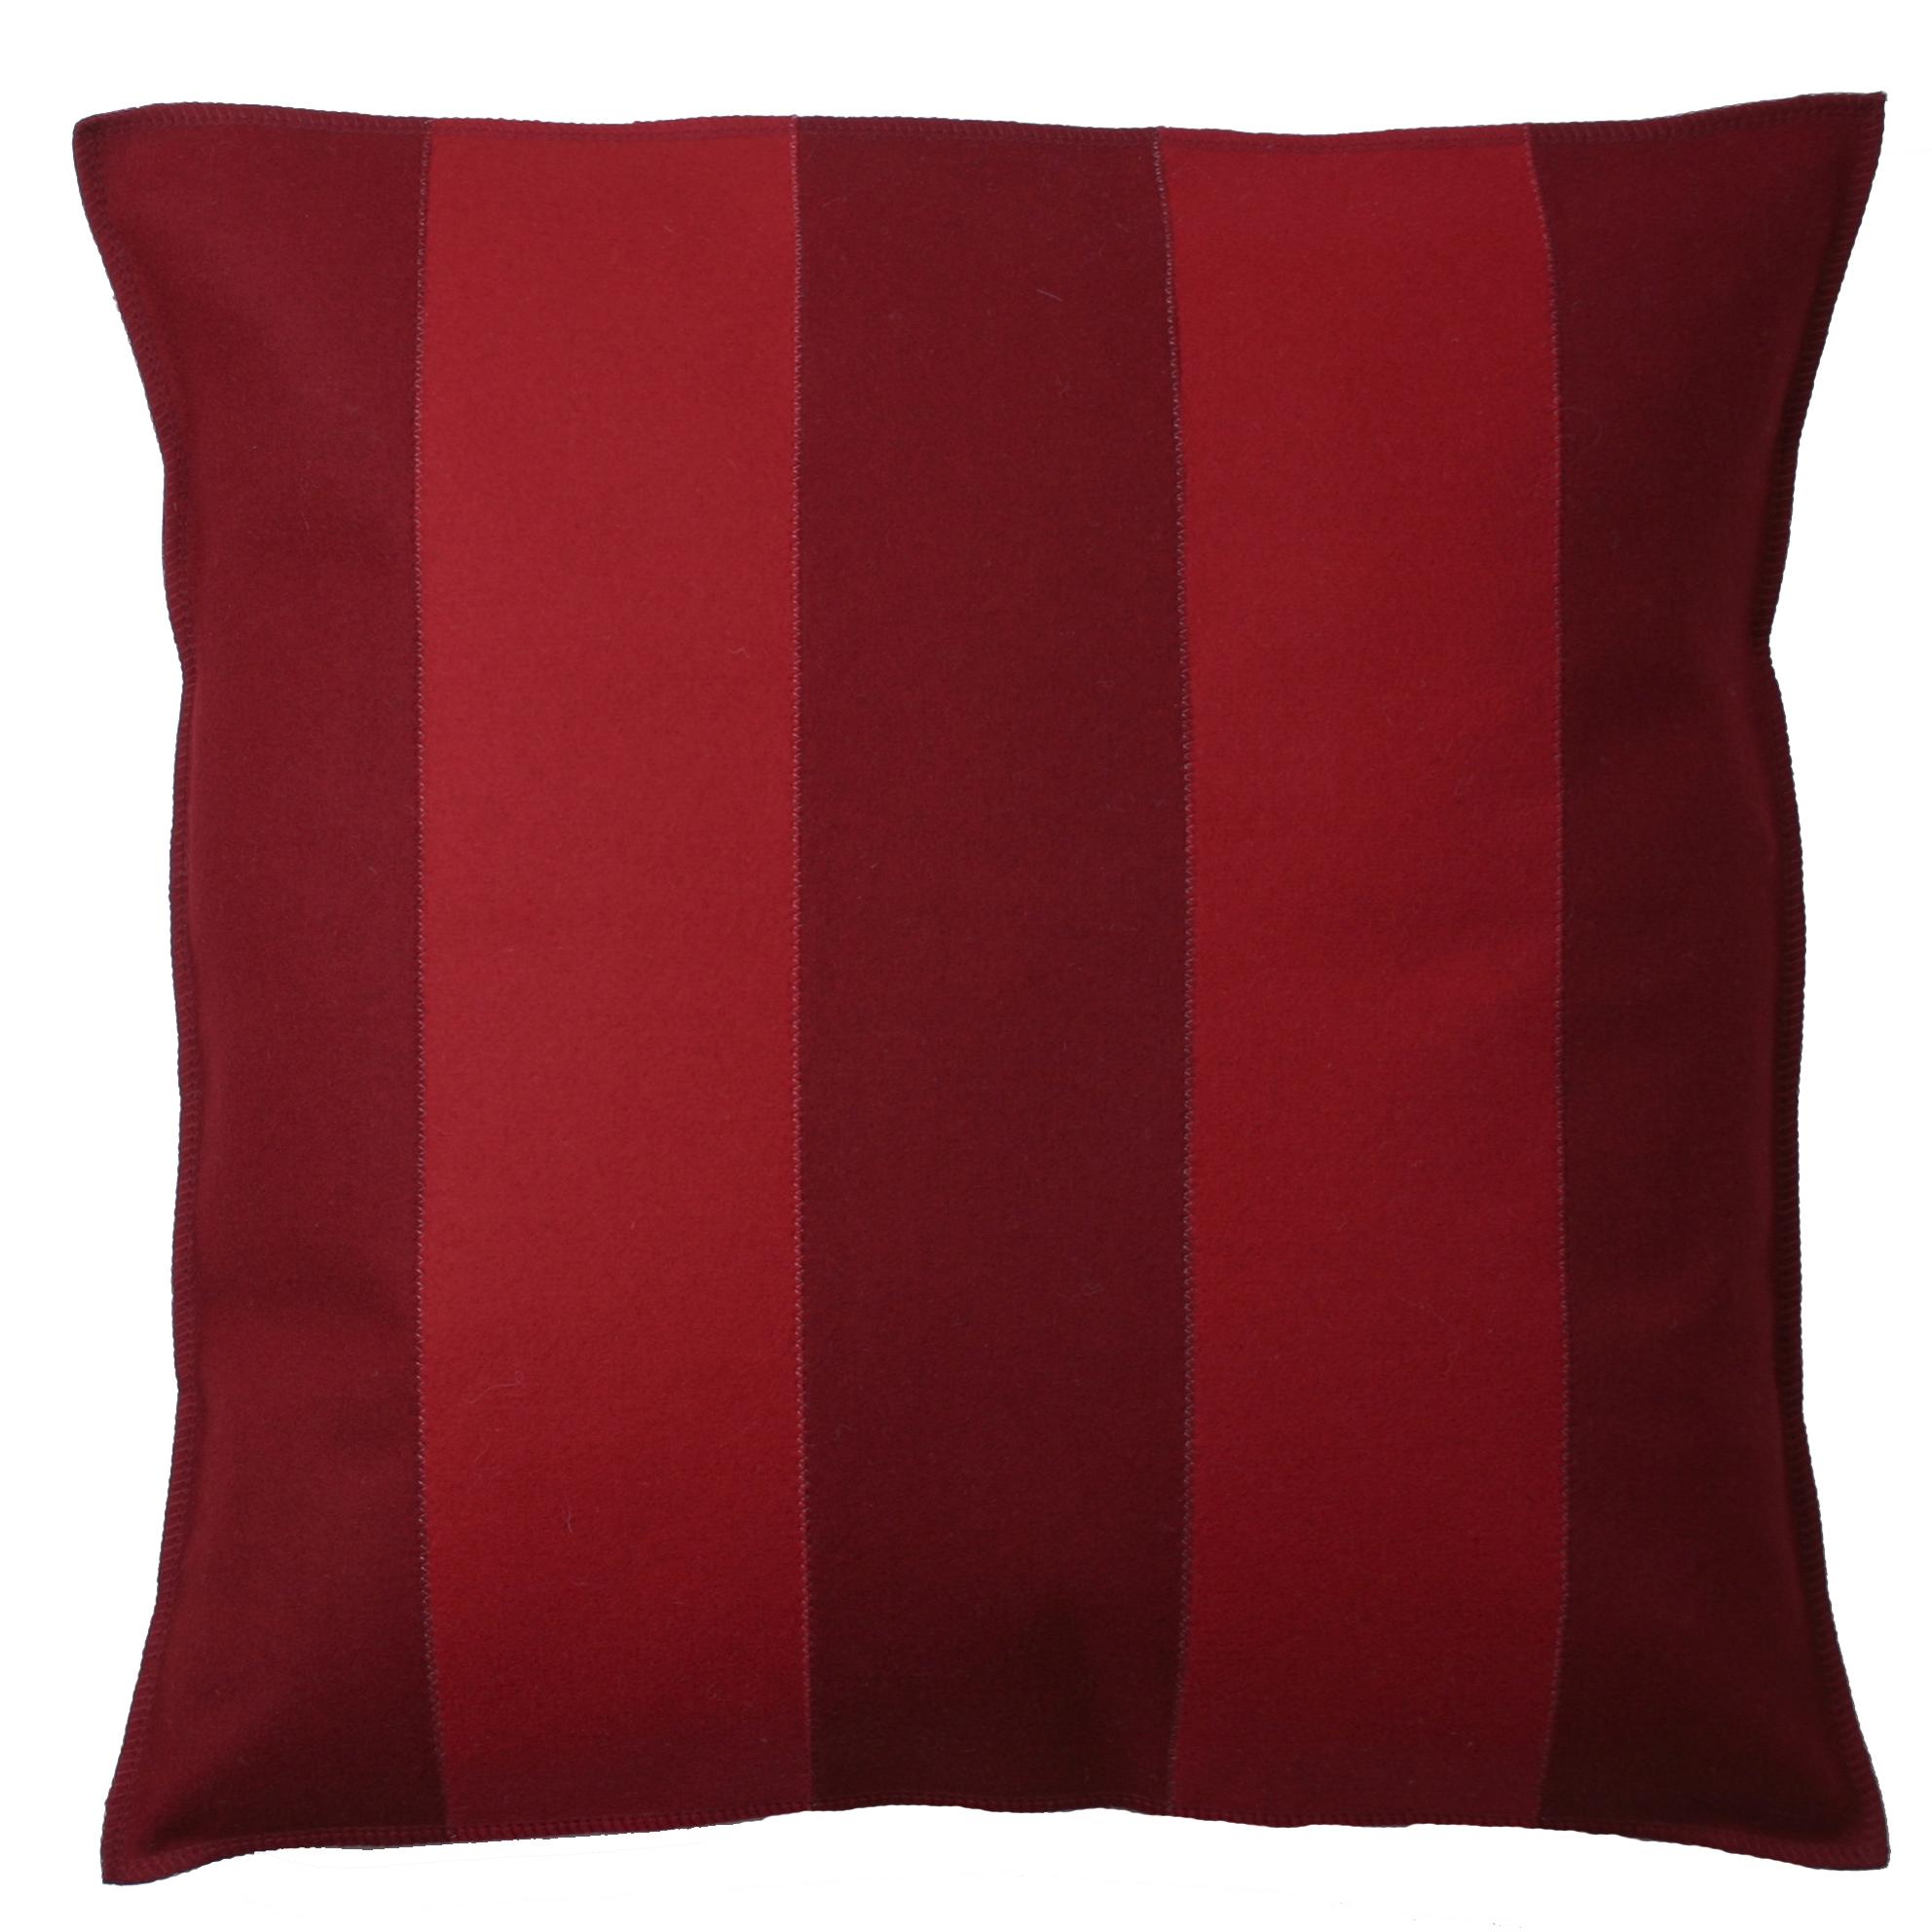 COLORE kvadratiskt kuddfodral Vinröd Röd 339 kr Trendrum se